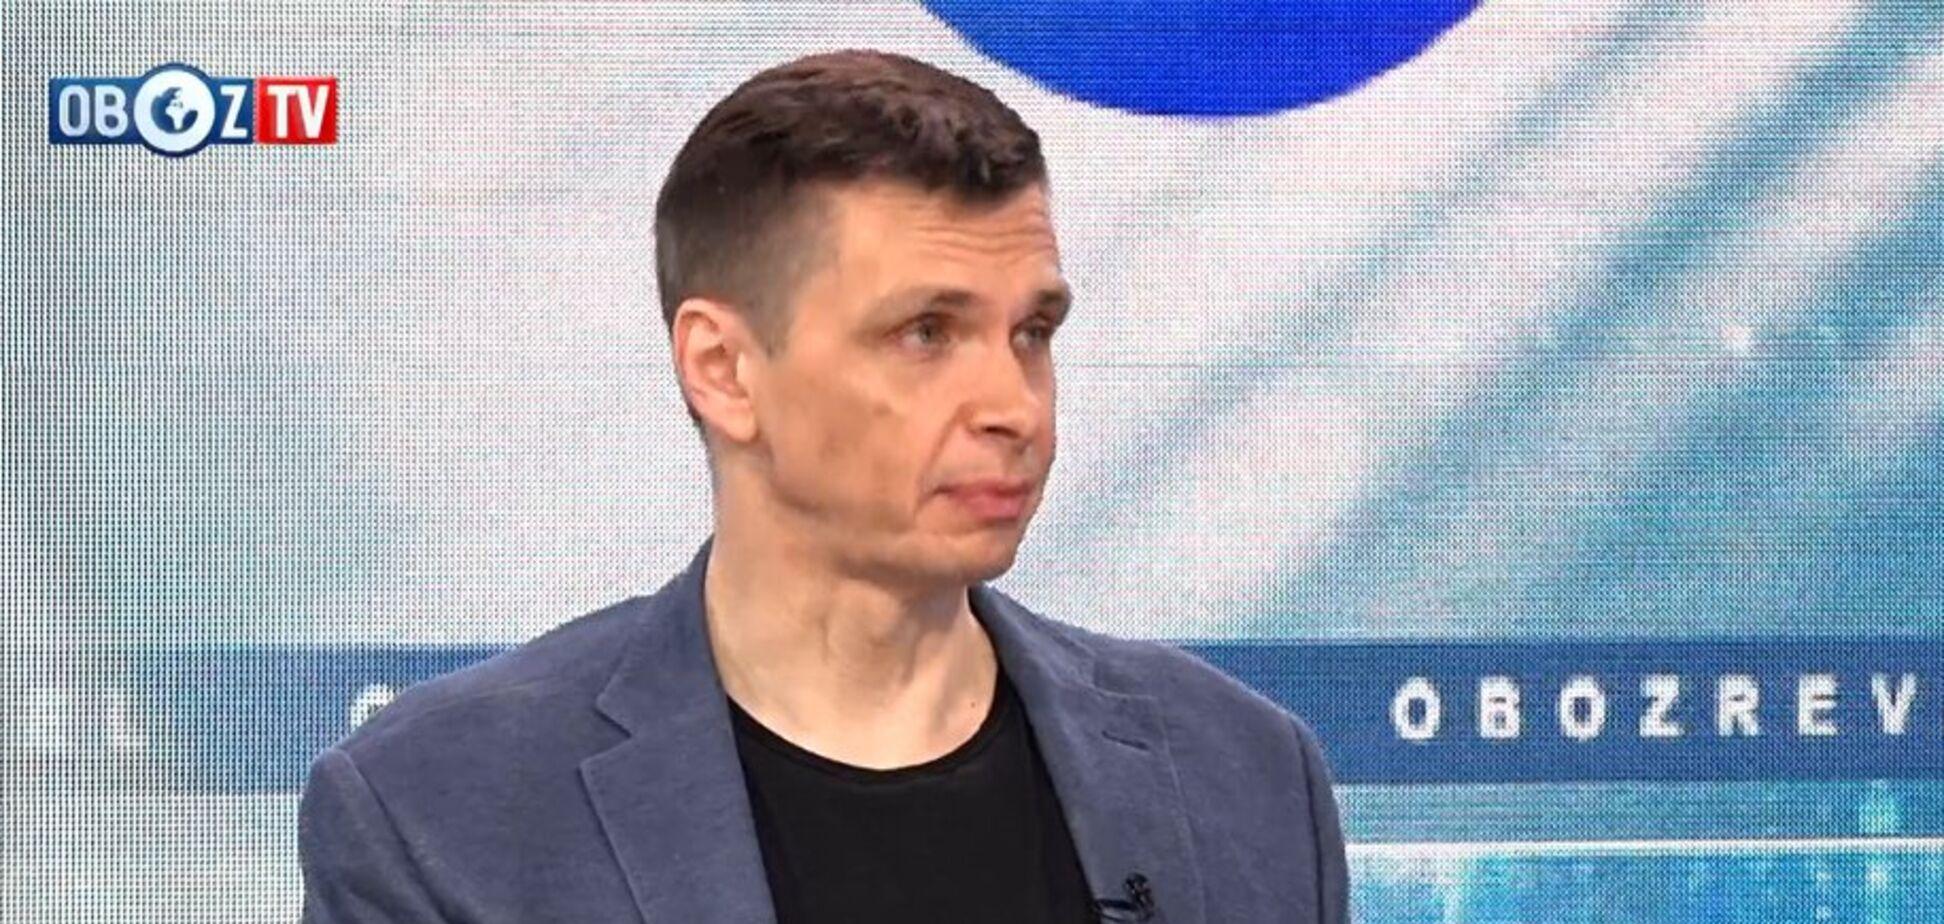 Без неприкосновенности Украина может превратиться в квазимонархию: политолог